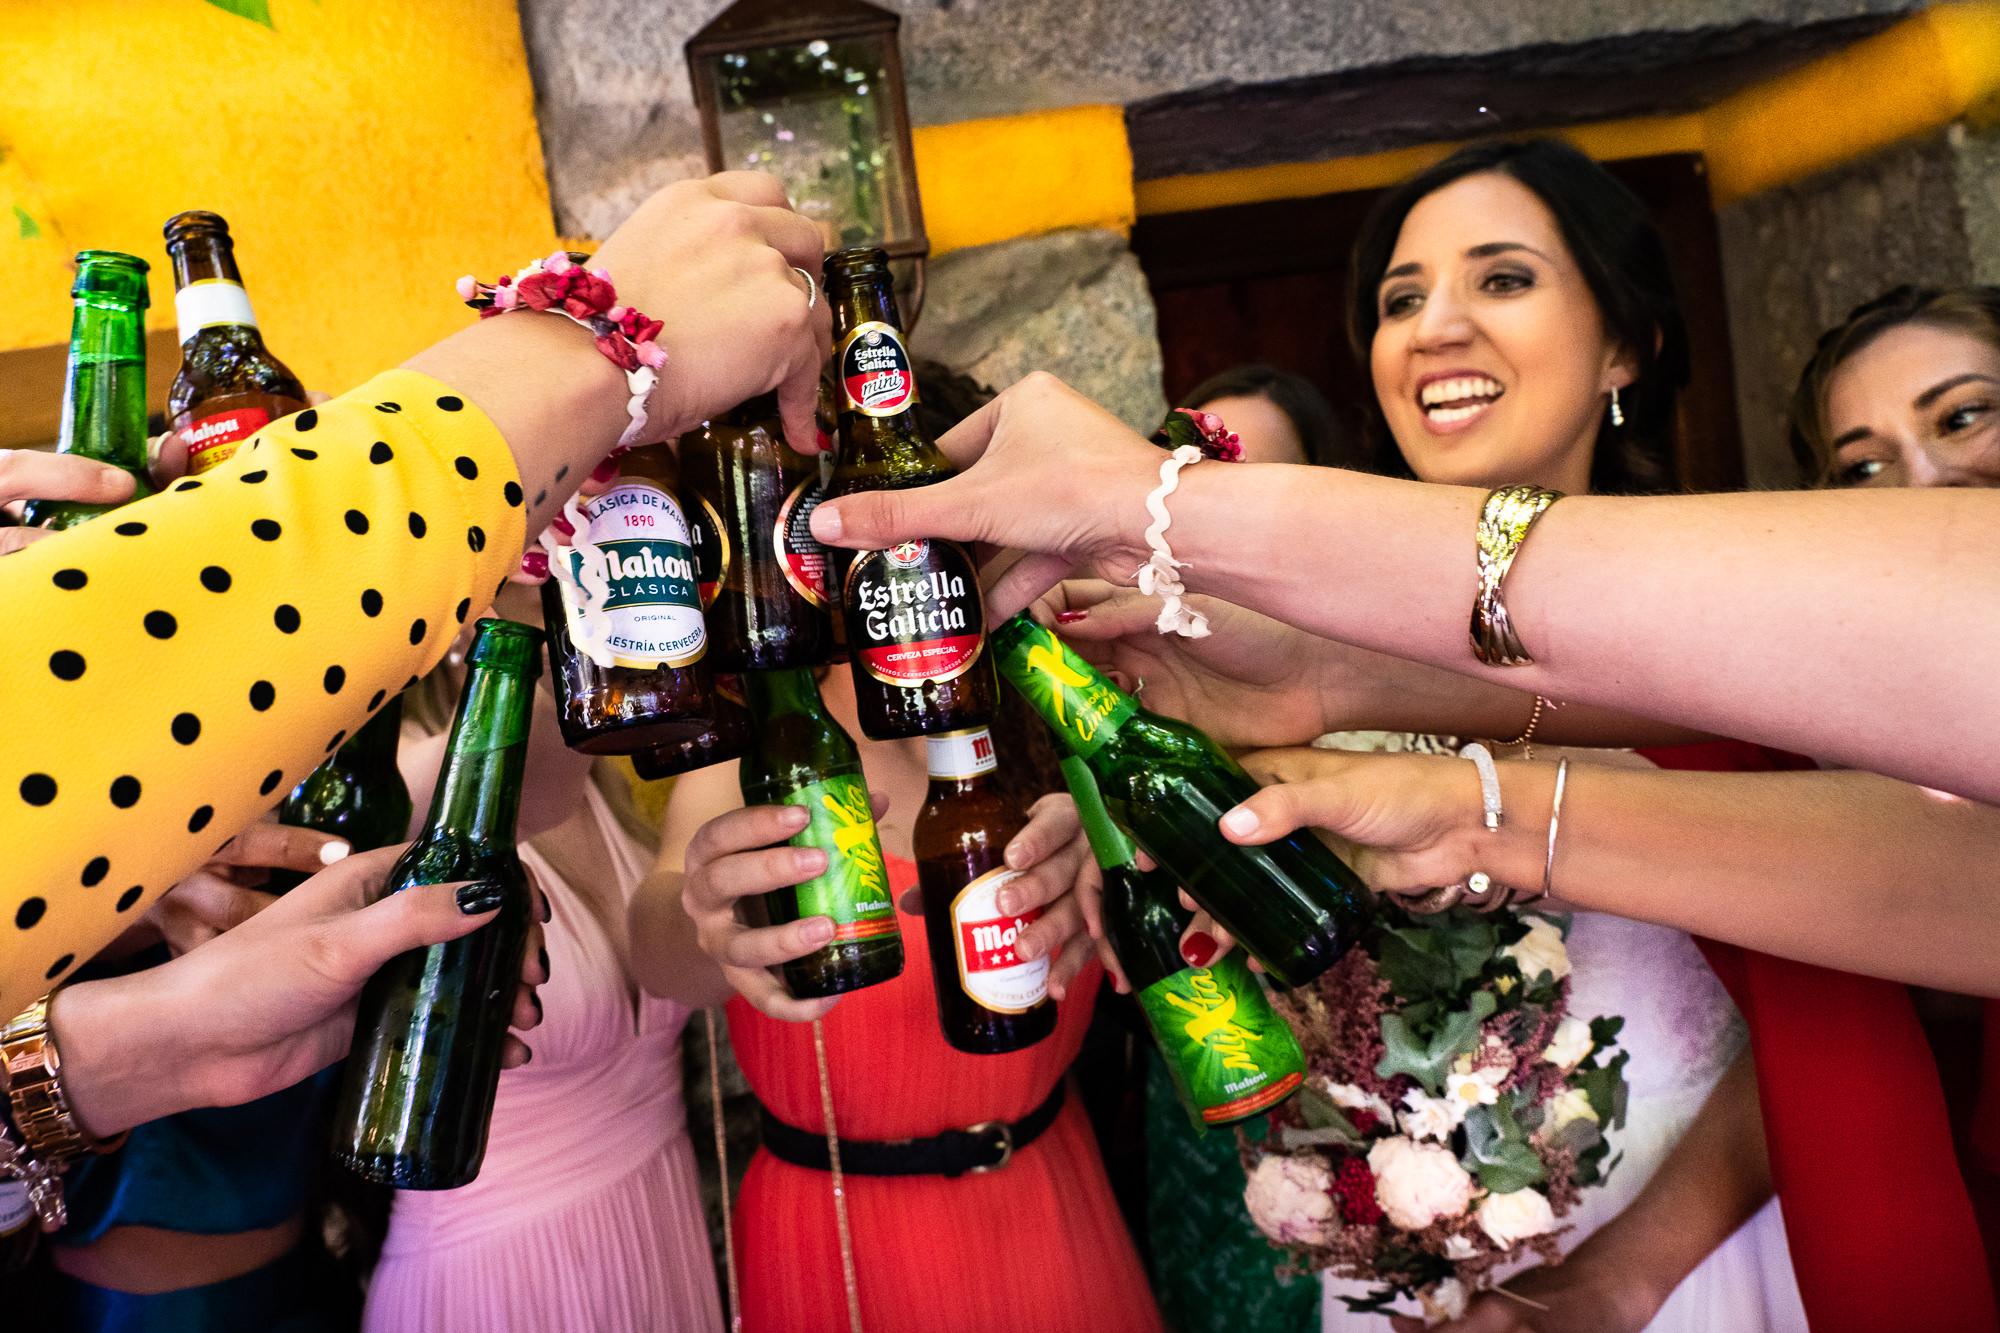 novia brindando con sus amigas con cerveza